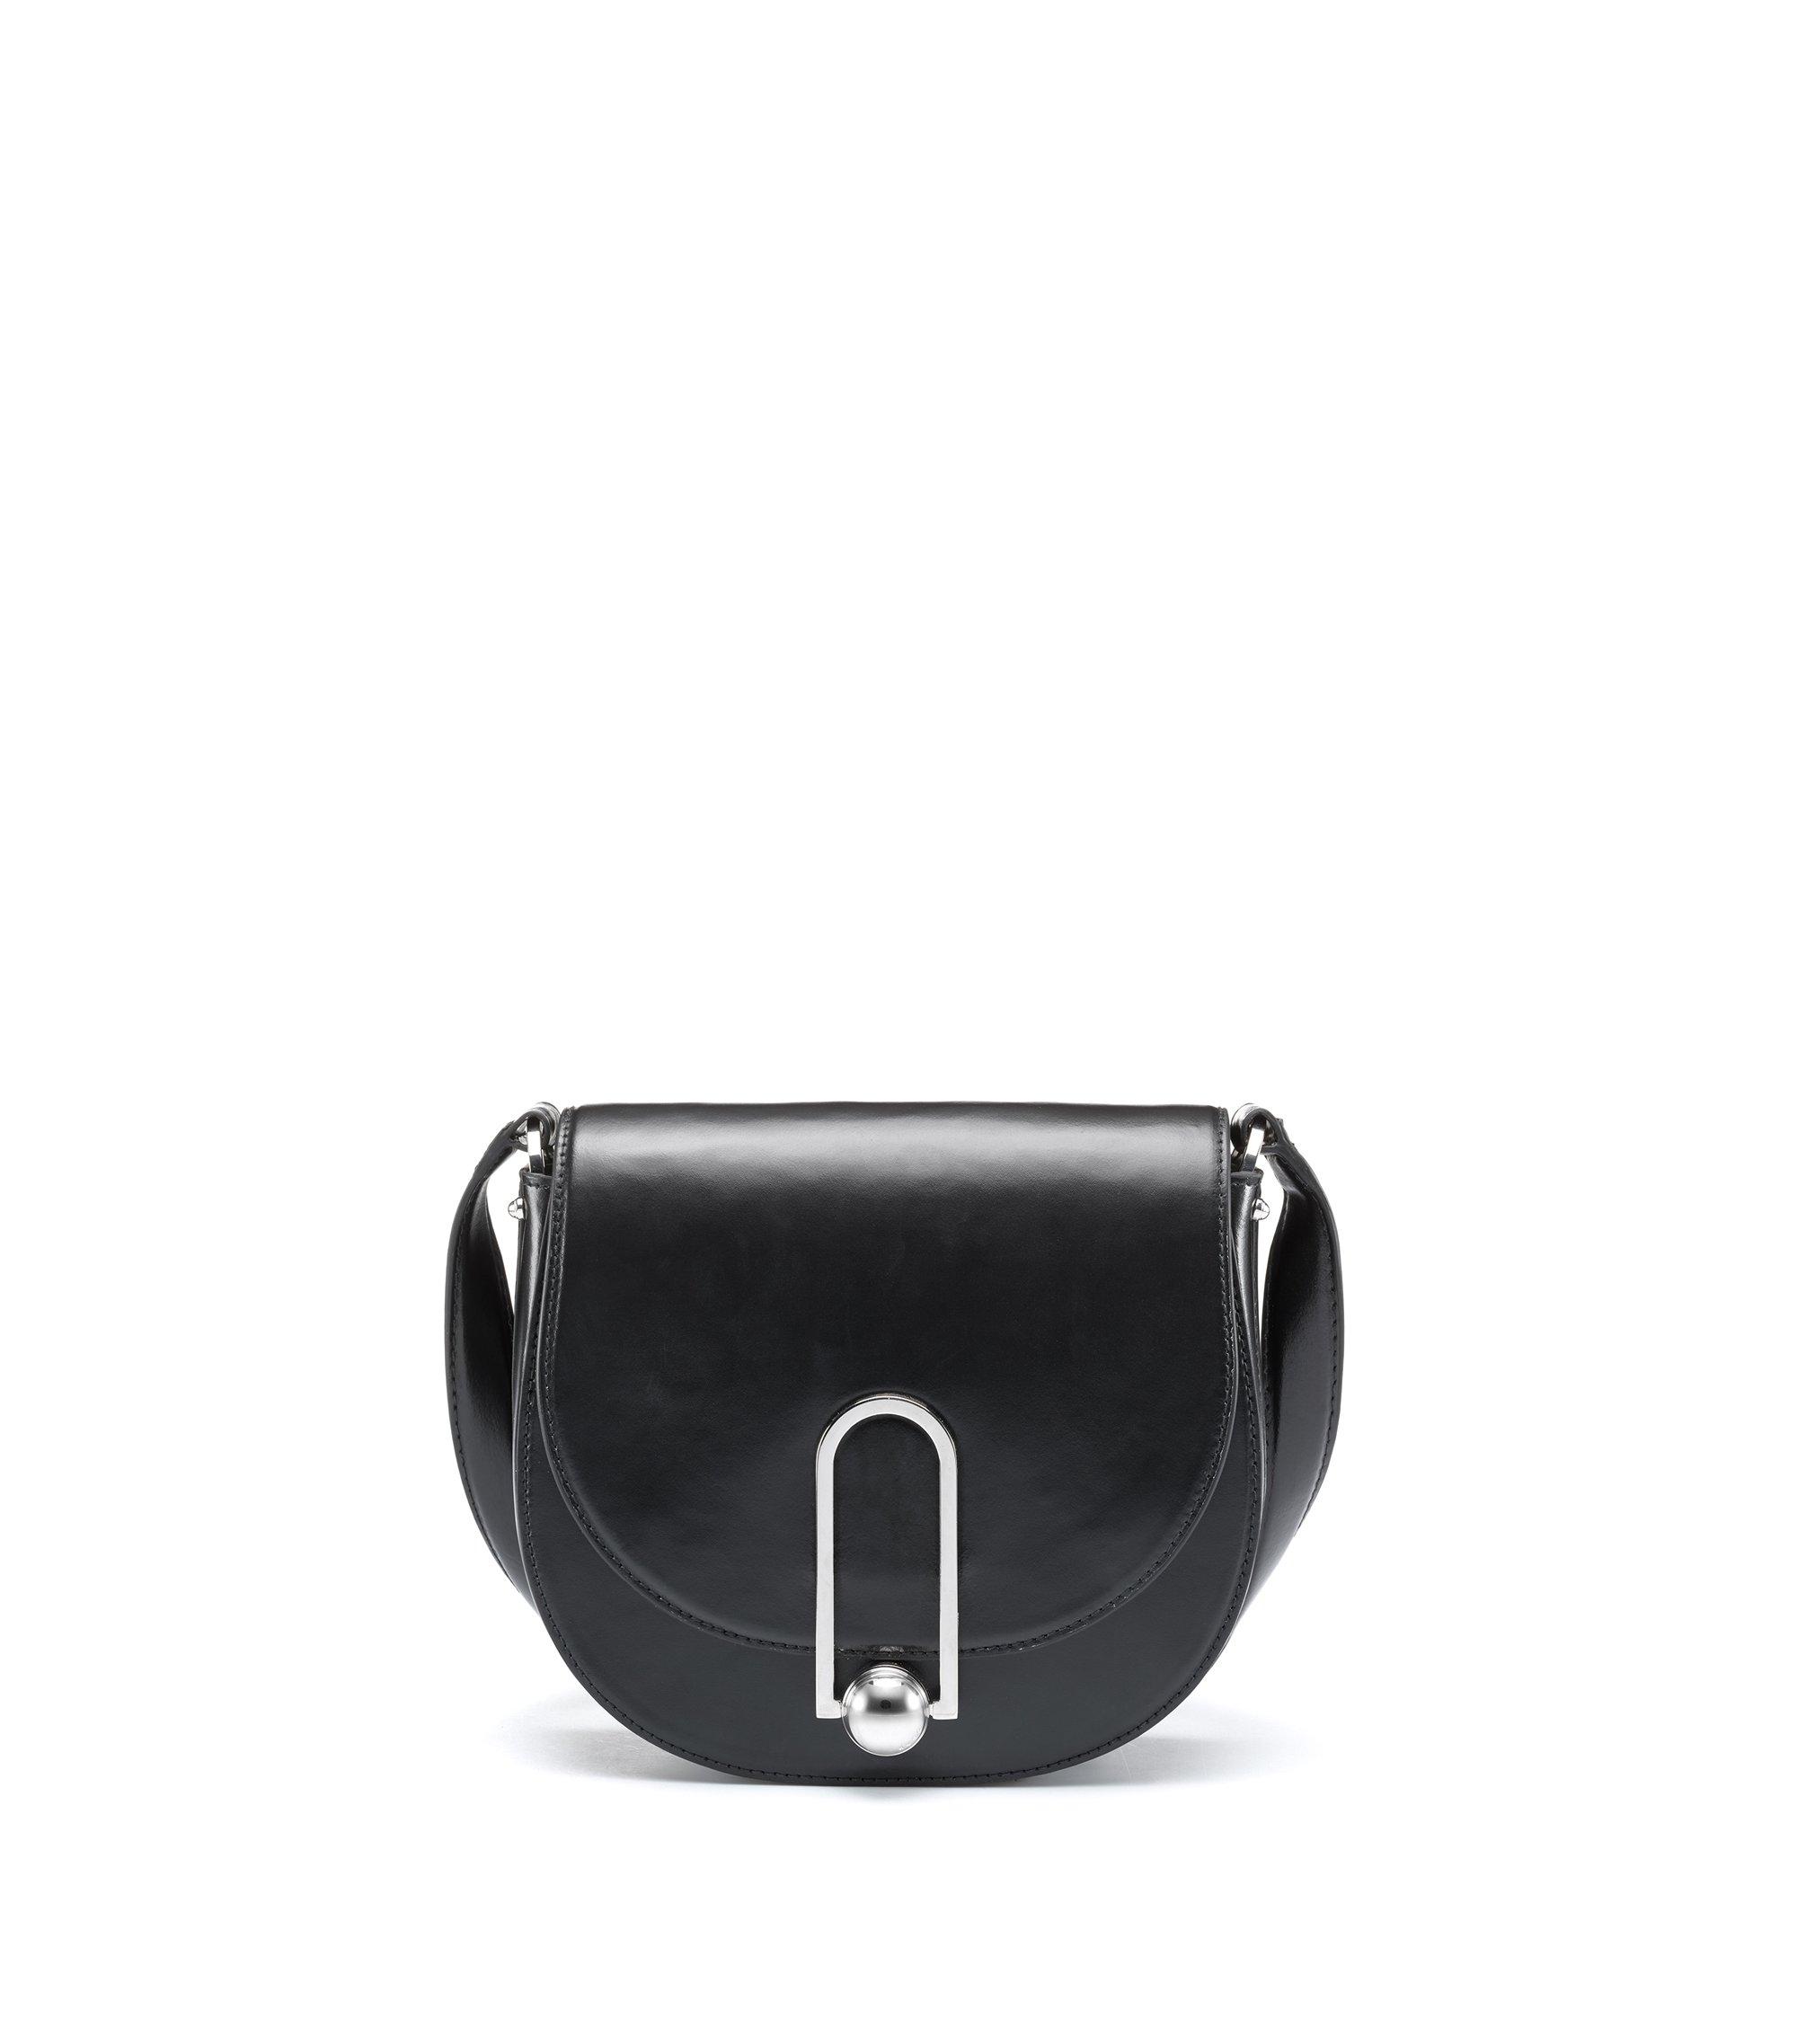 Saddle Bag aus Glattleder mit polierten Metall-Details, Schwarz